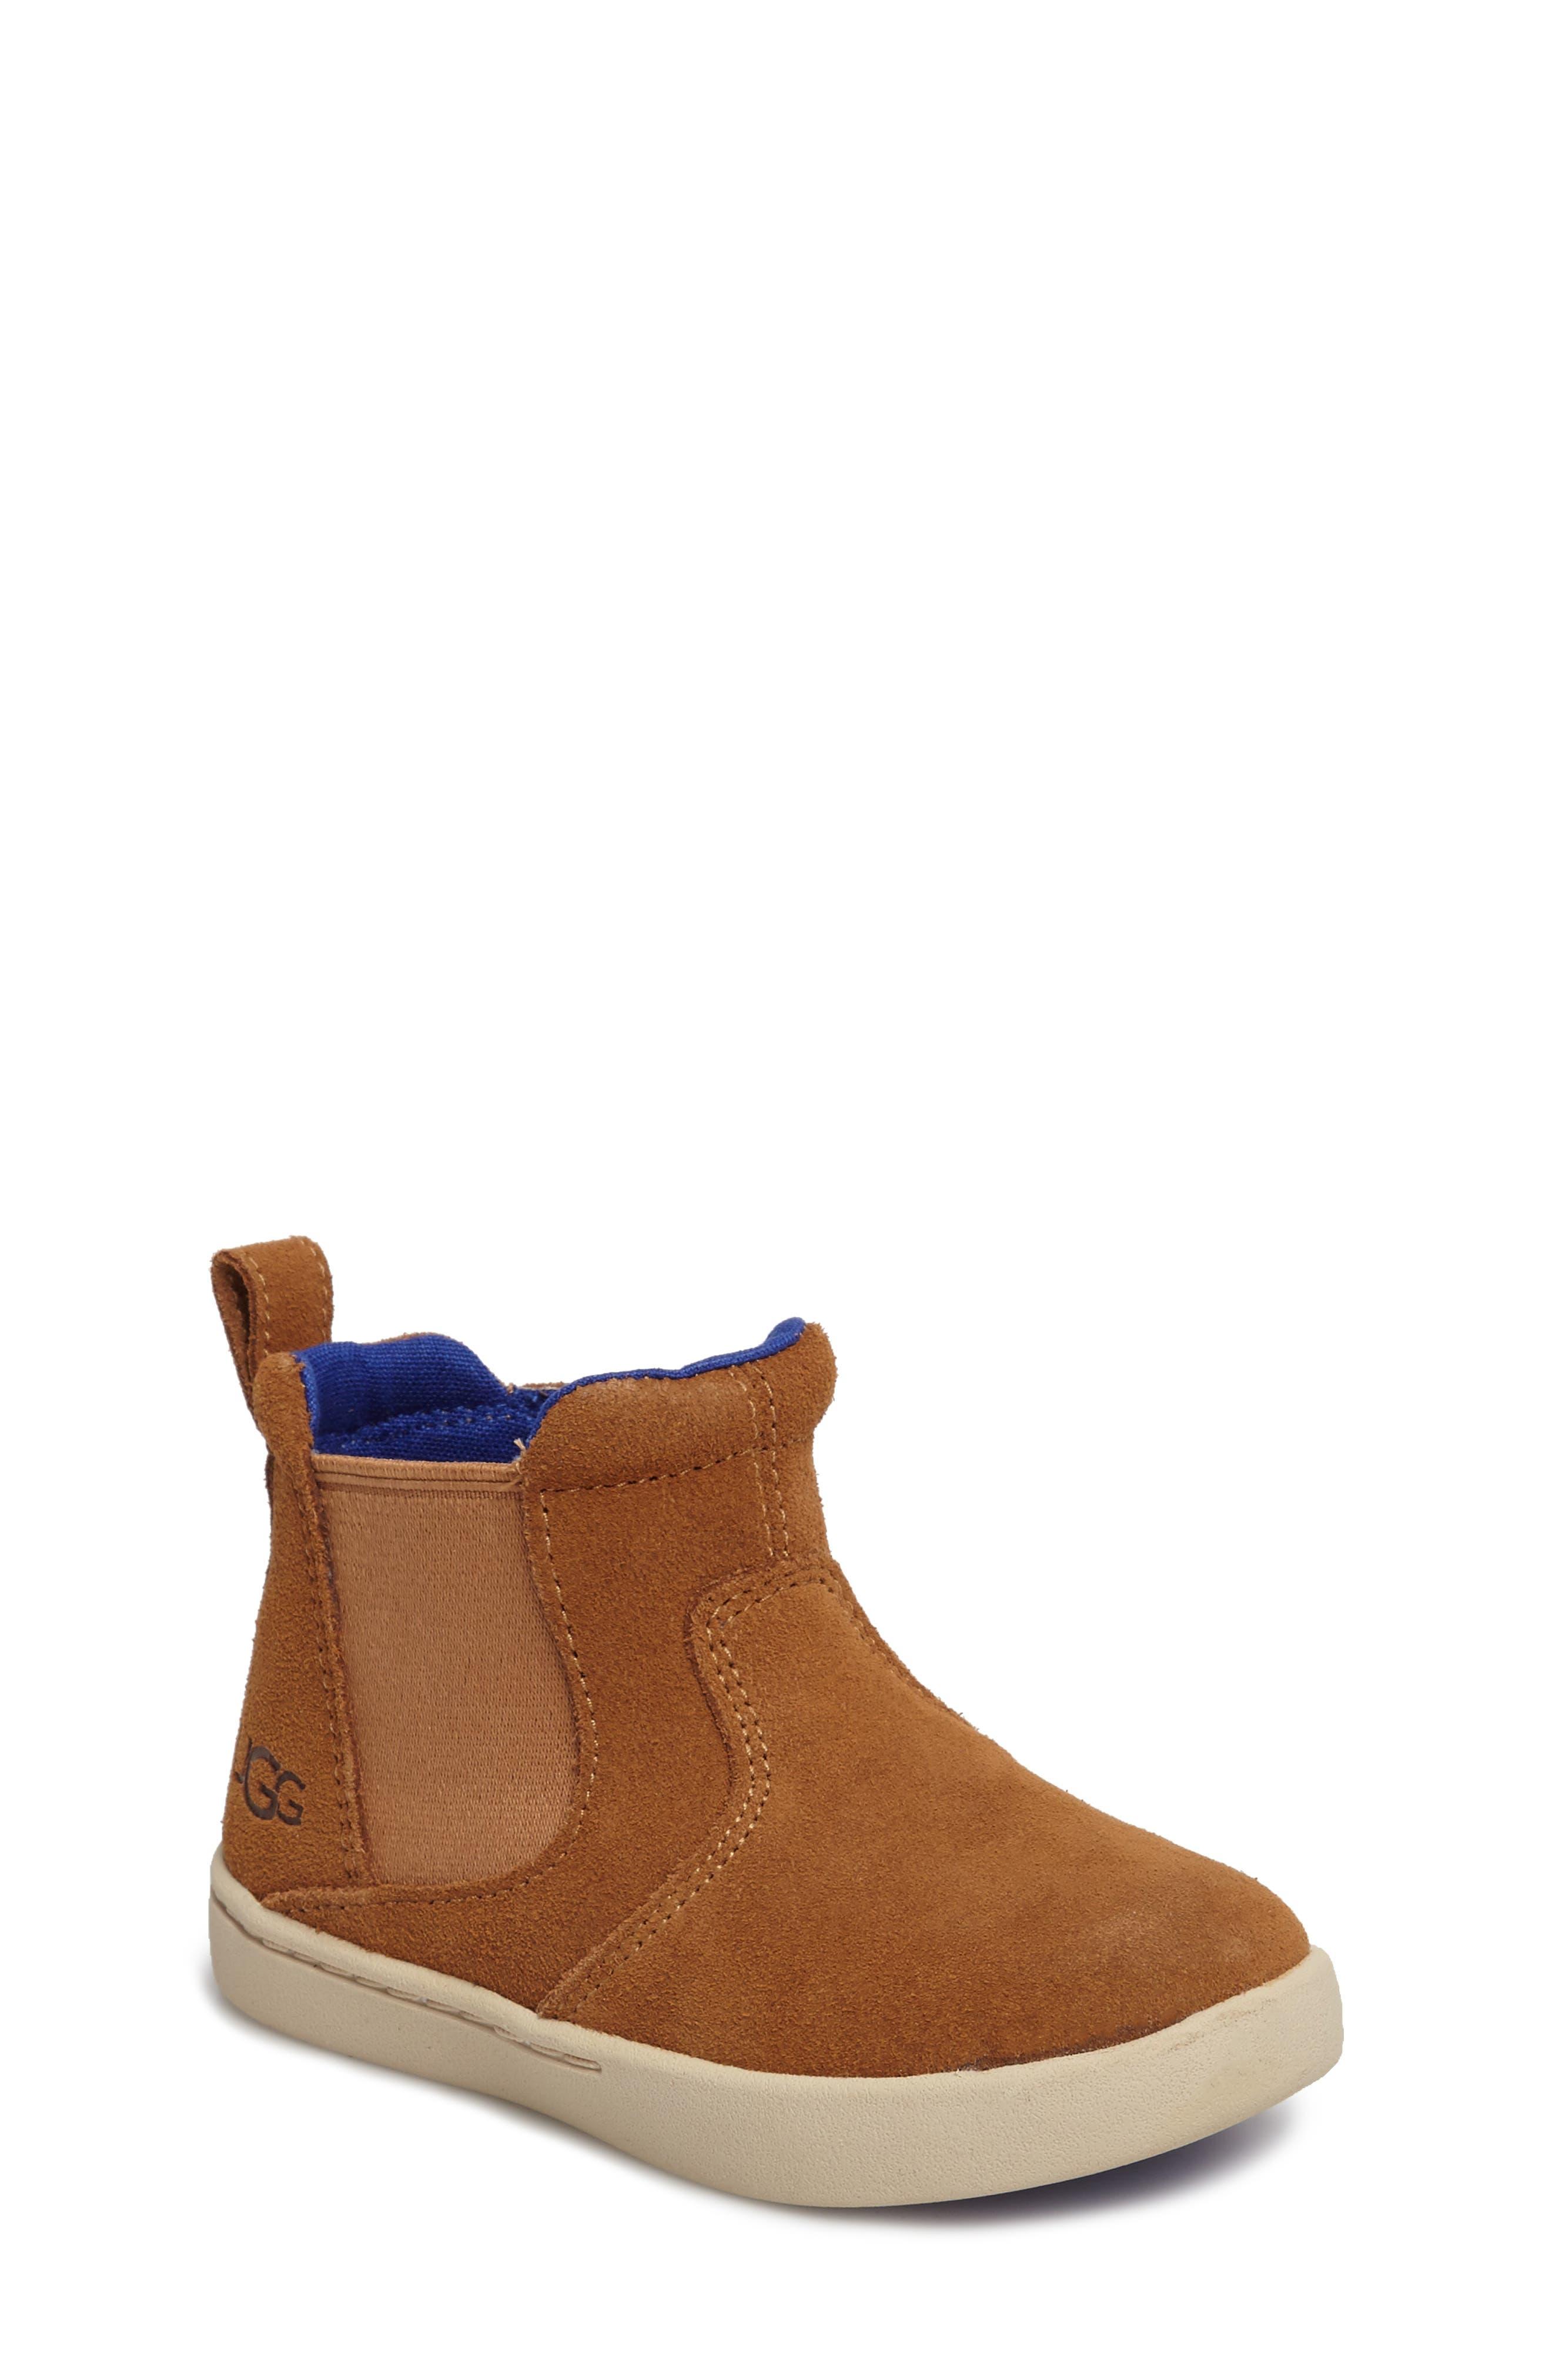 Hamden Sneaker,                             Alternate thumbnail 6, color,